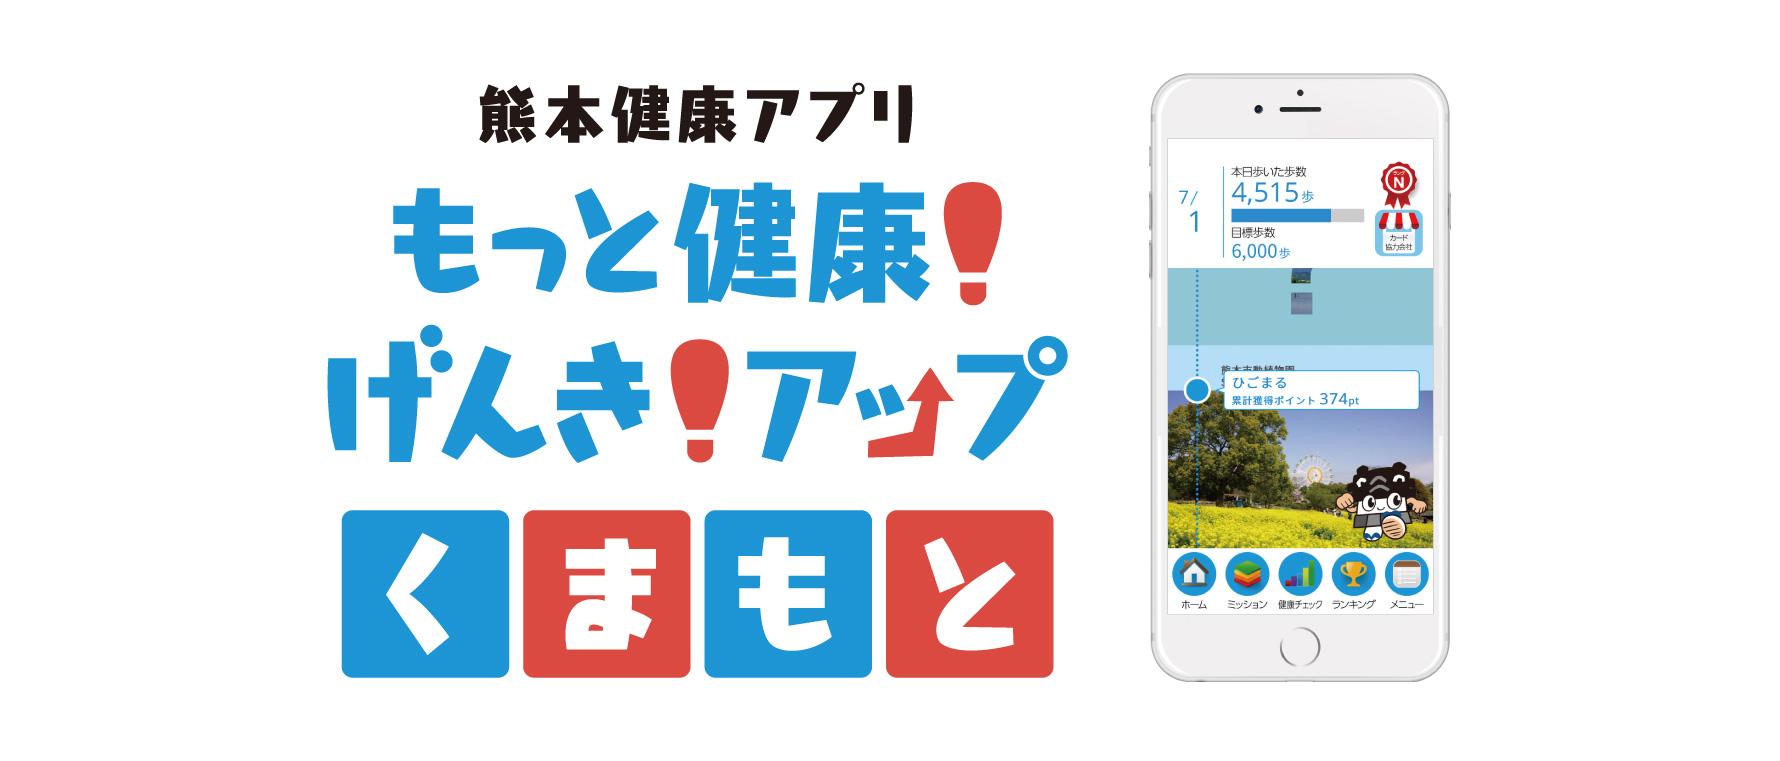 熊本健康アプリ・もっと健康!げんき!アップ!くまもとの画像